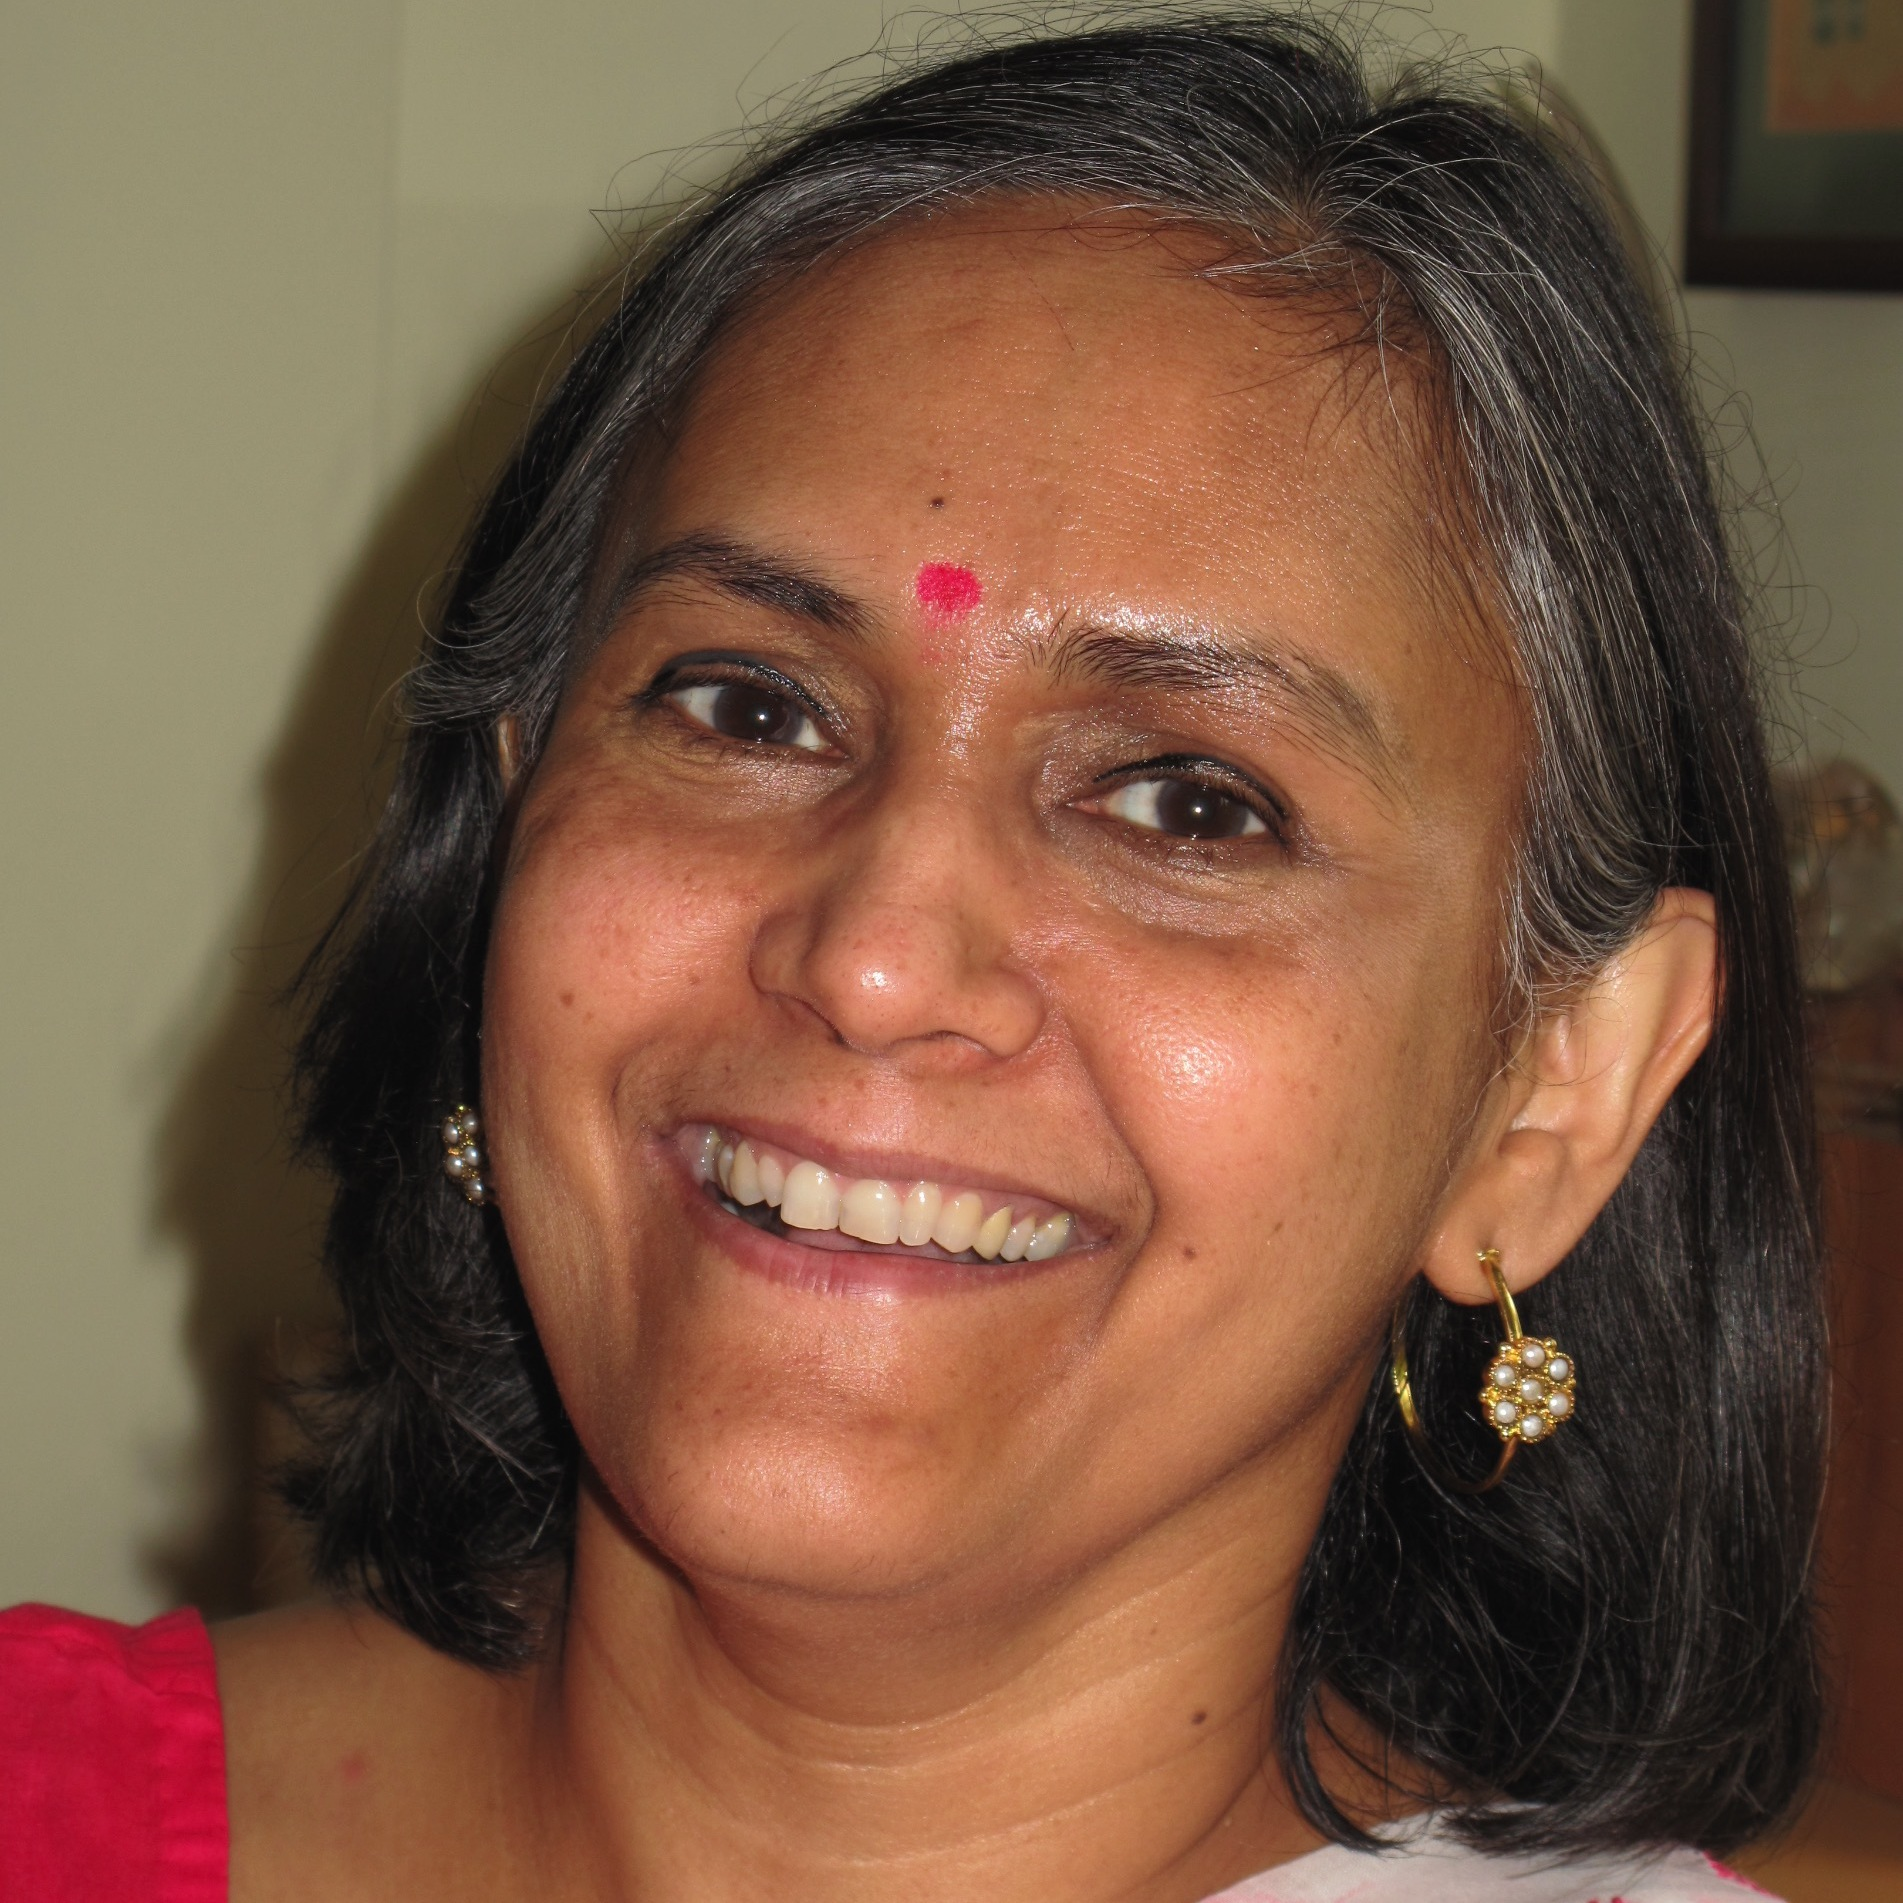 Sonali khan